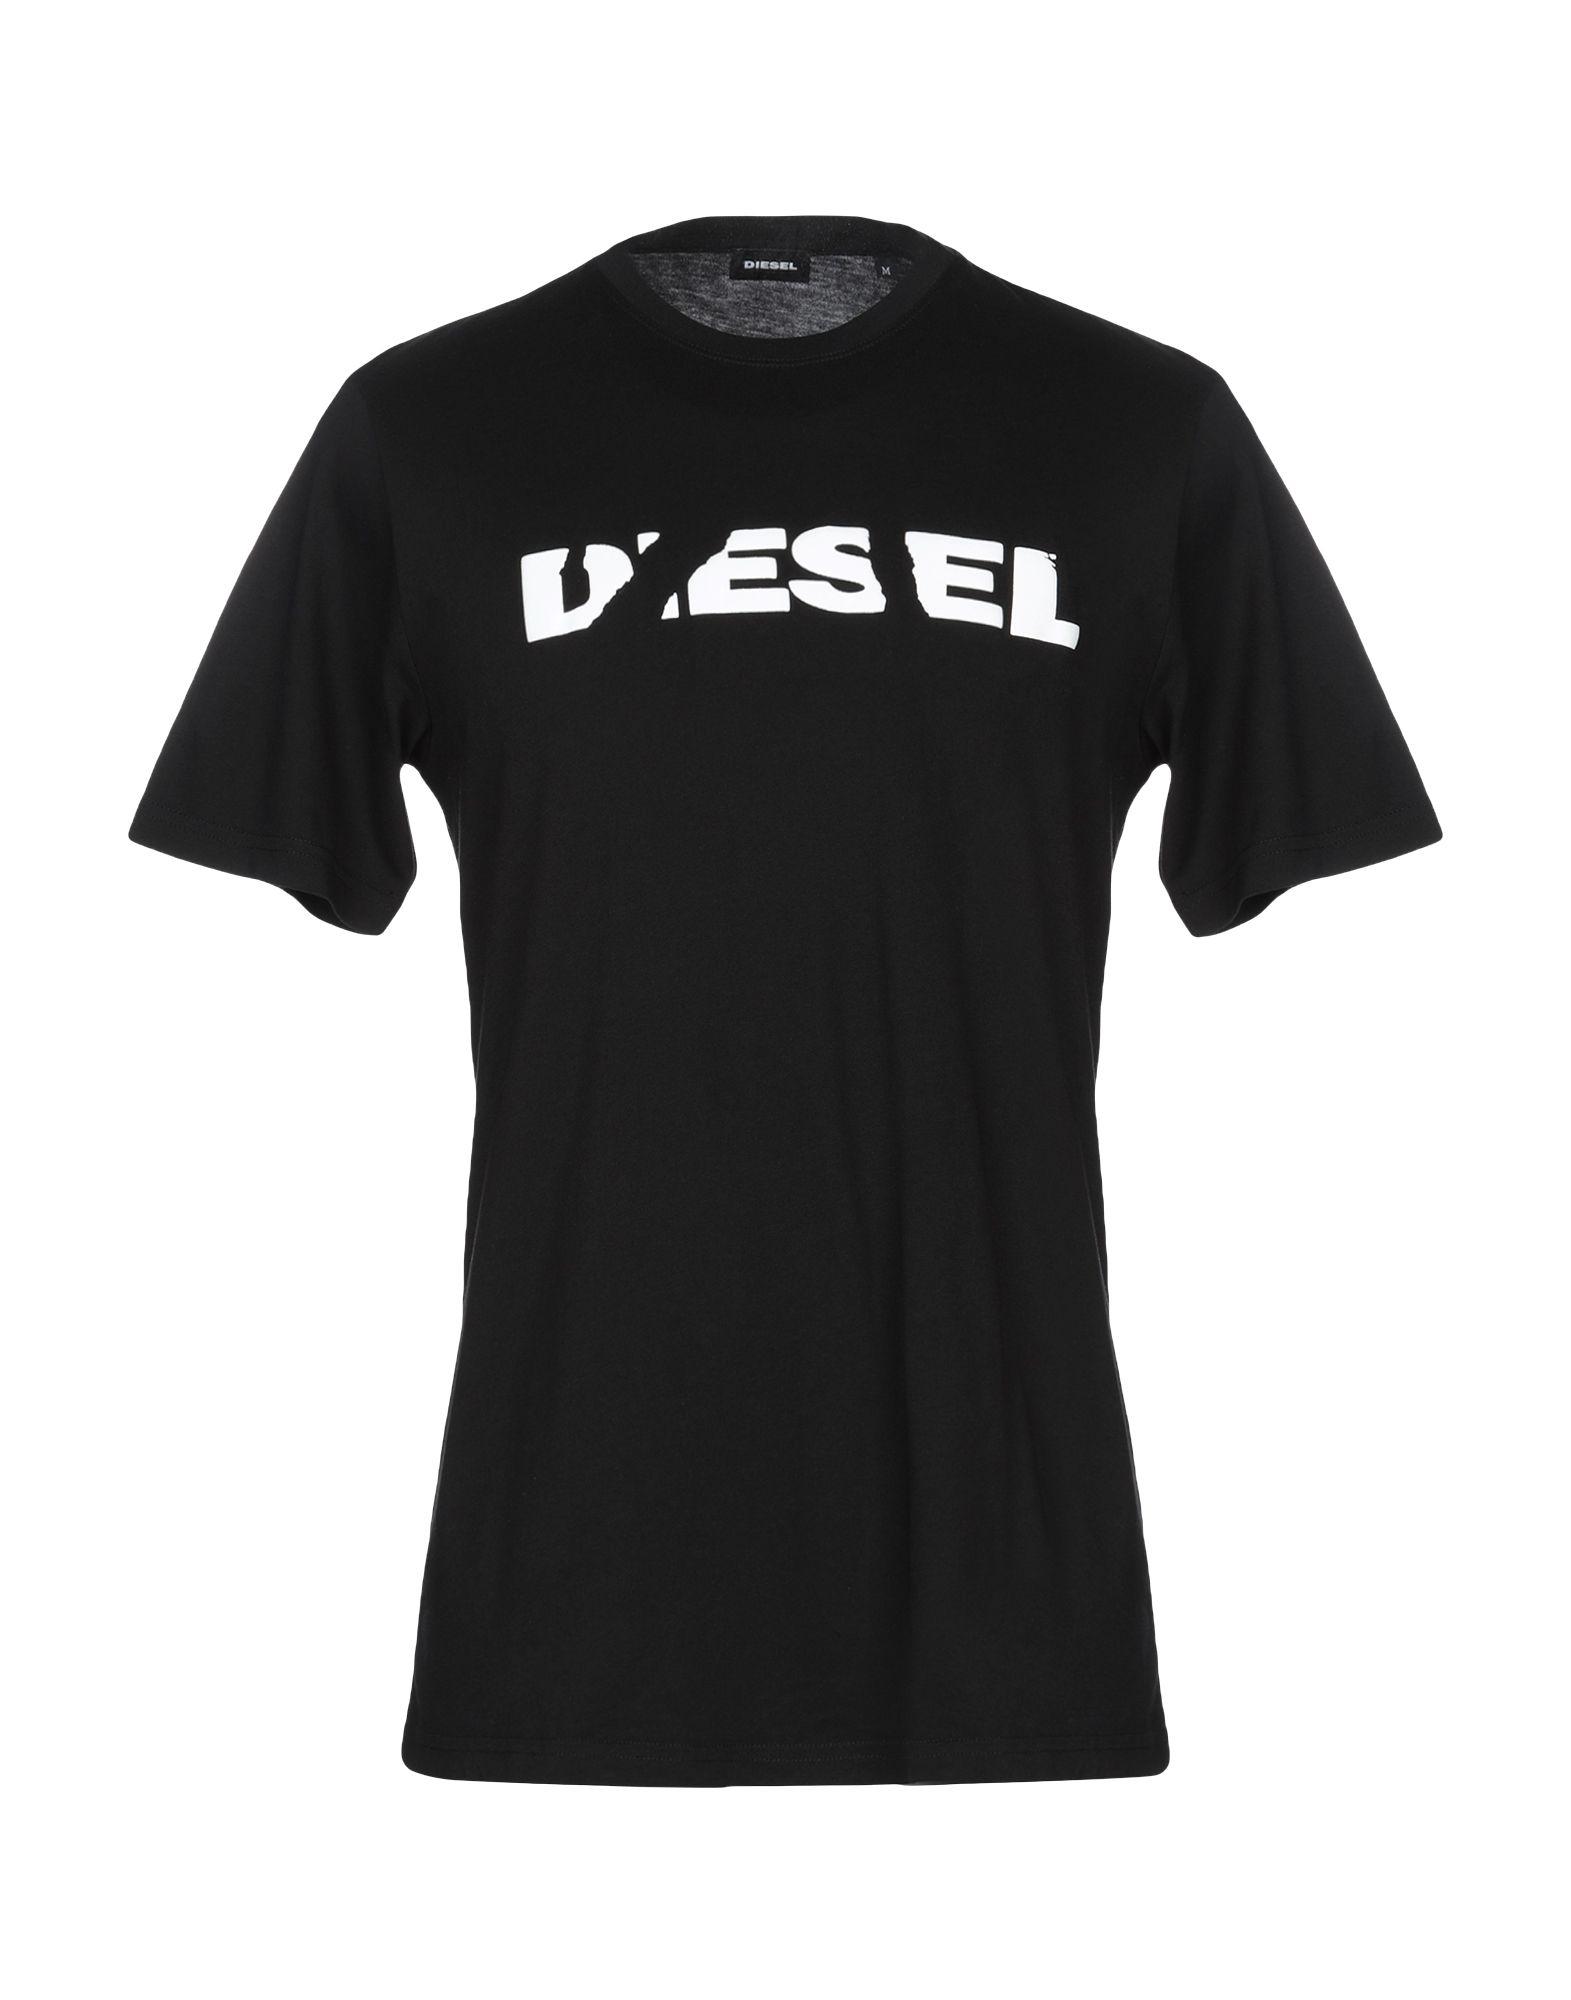 DIESEL Футболка футболка diesel 00sx45 0eadq 912